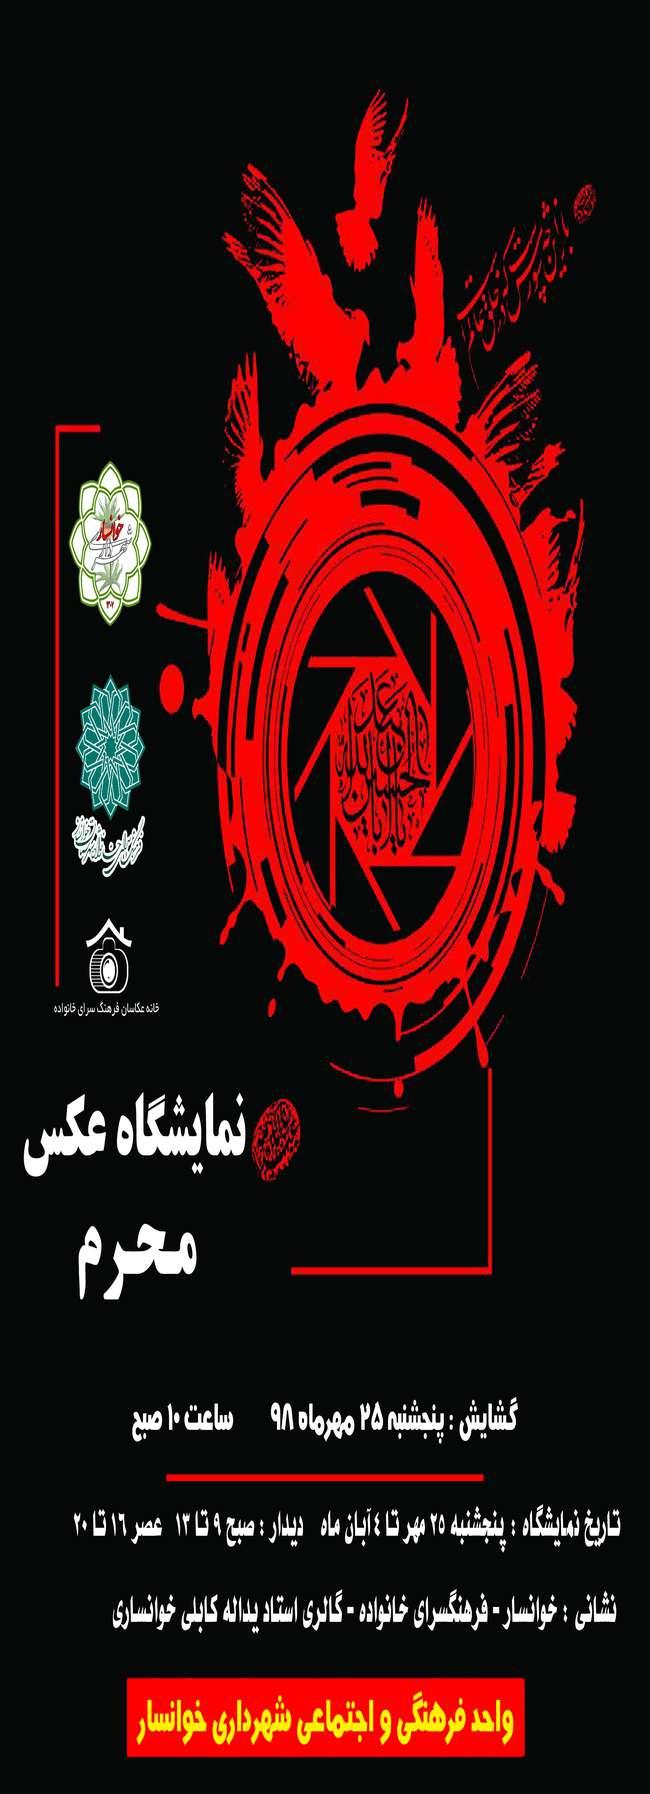 برگزاری نمایشگاه عکس محرم در آستانه اربعین حسینی